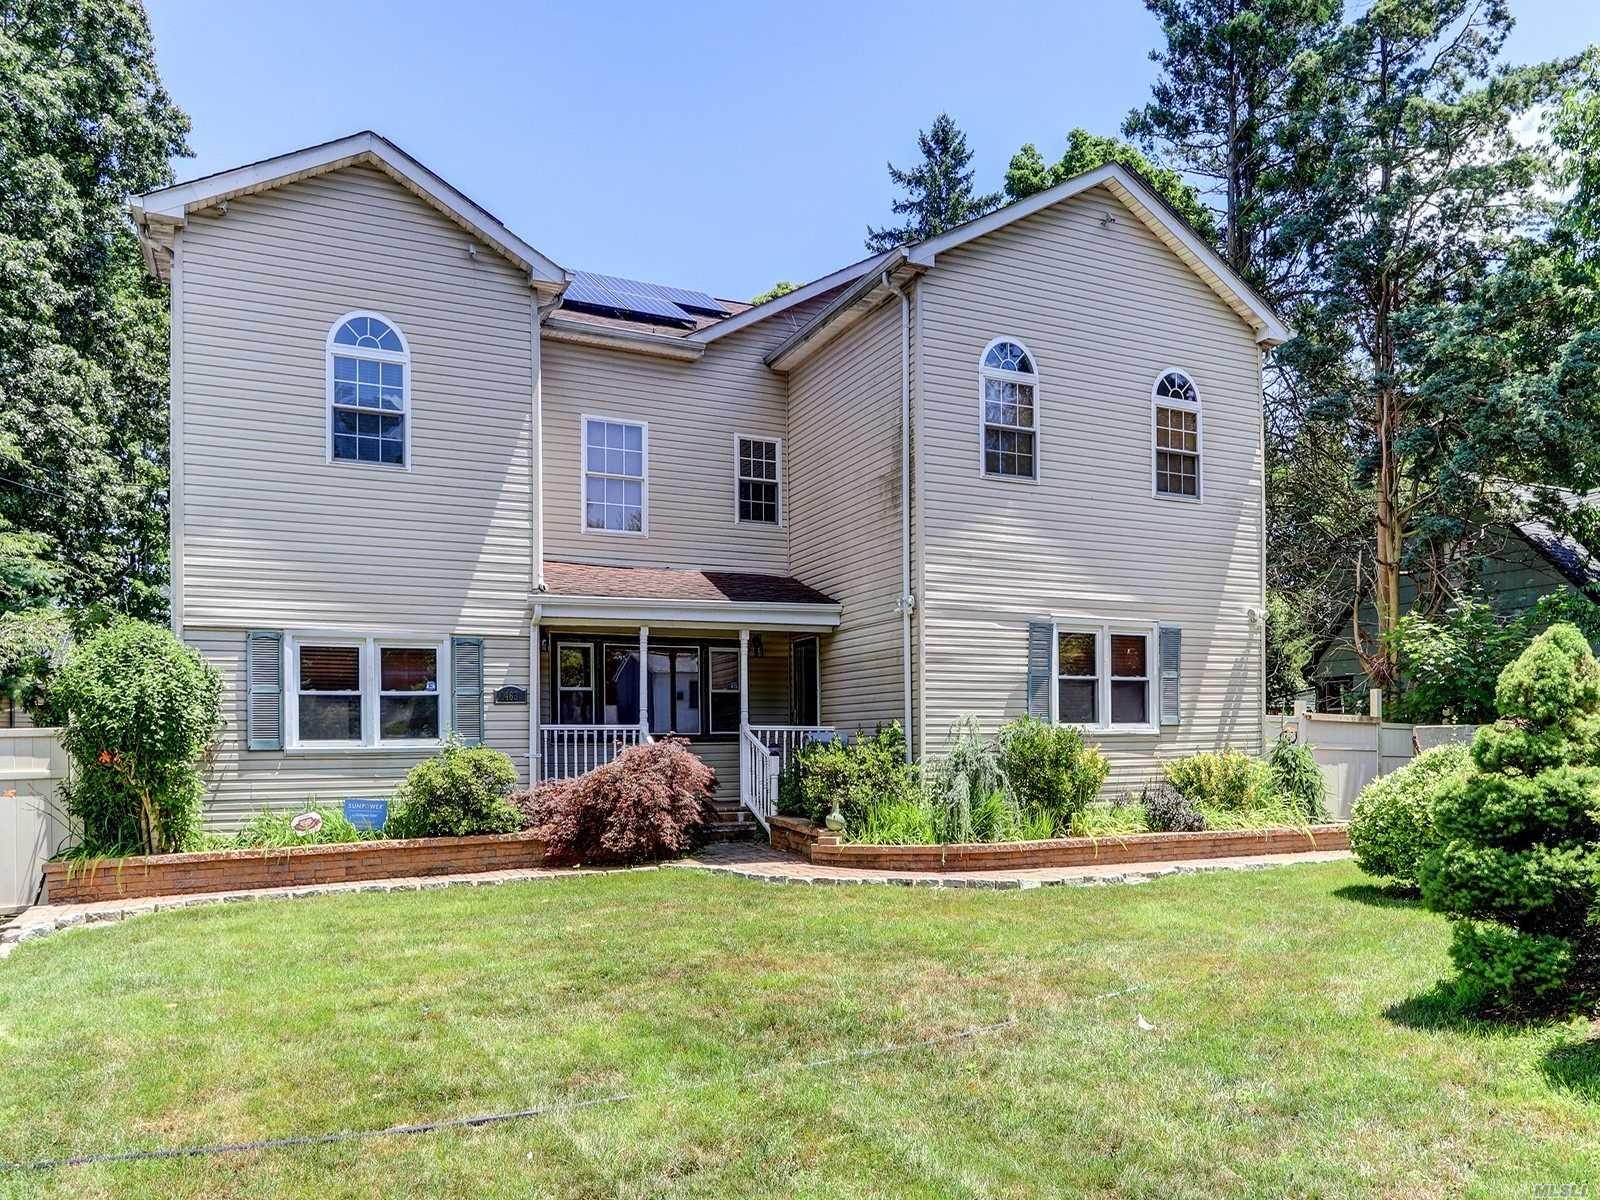 1463 Manor Ln, Bay Shore, NY 11706 - MLS#: 3232641